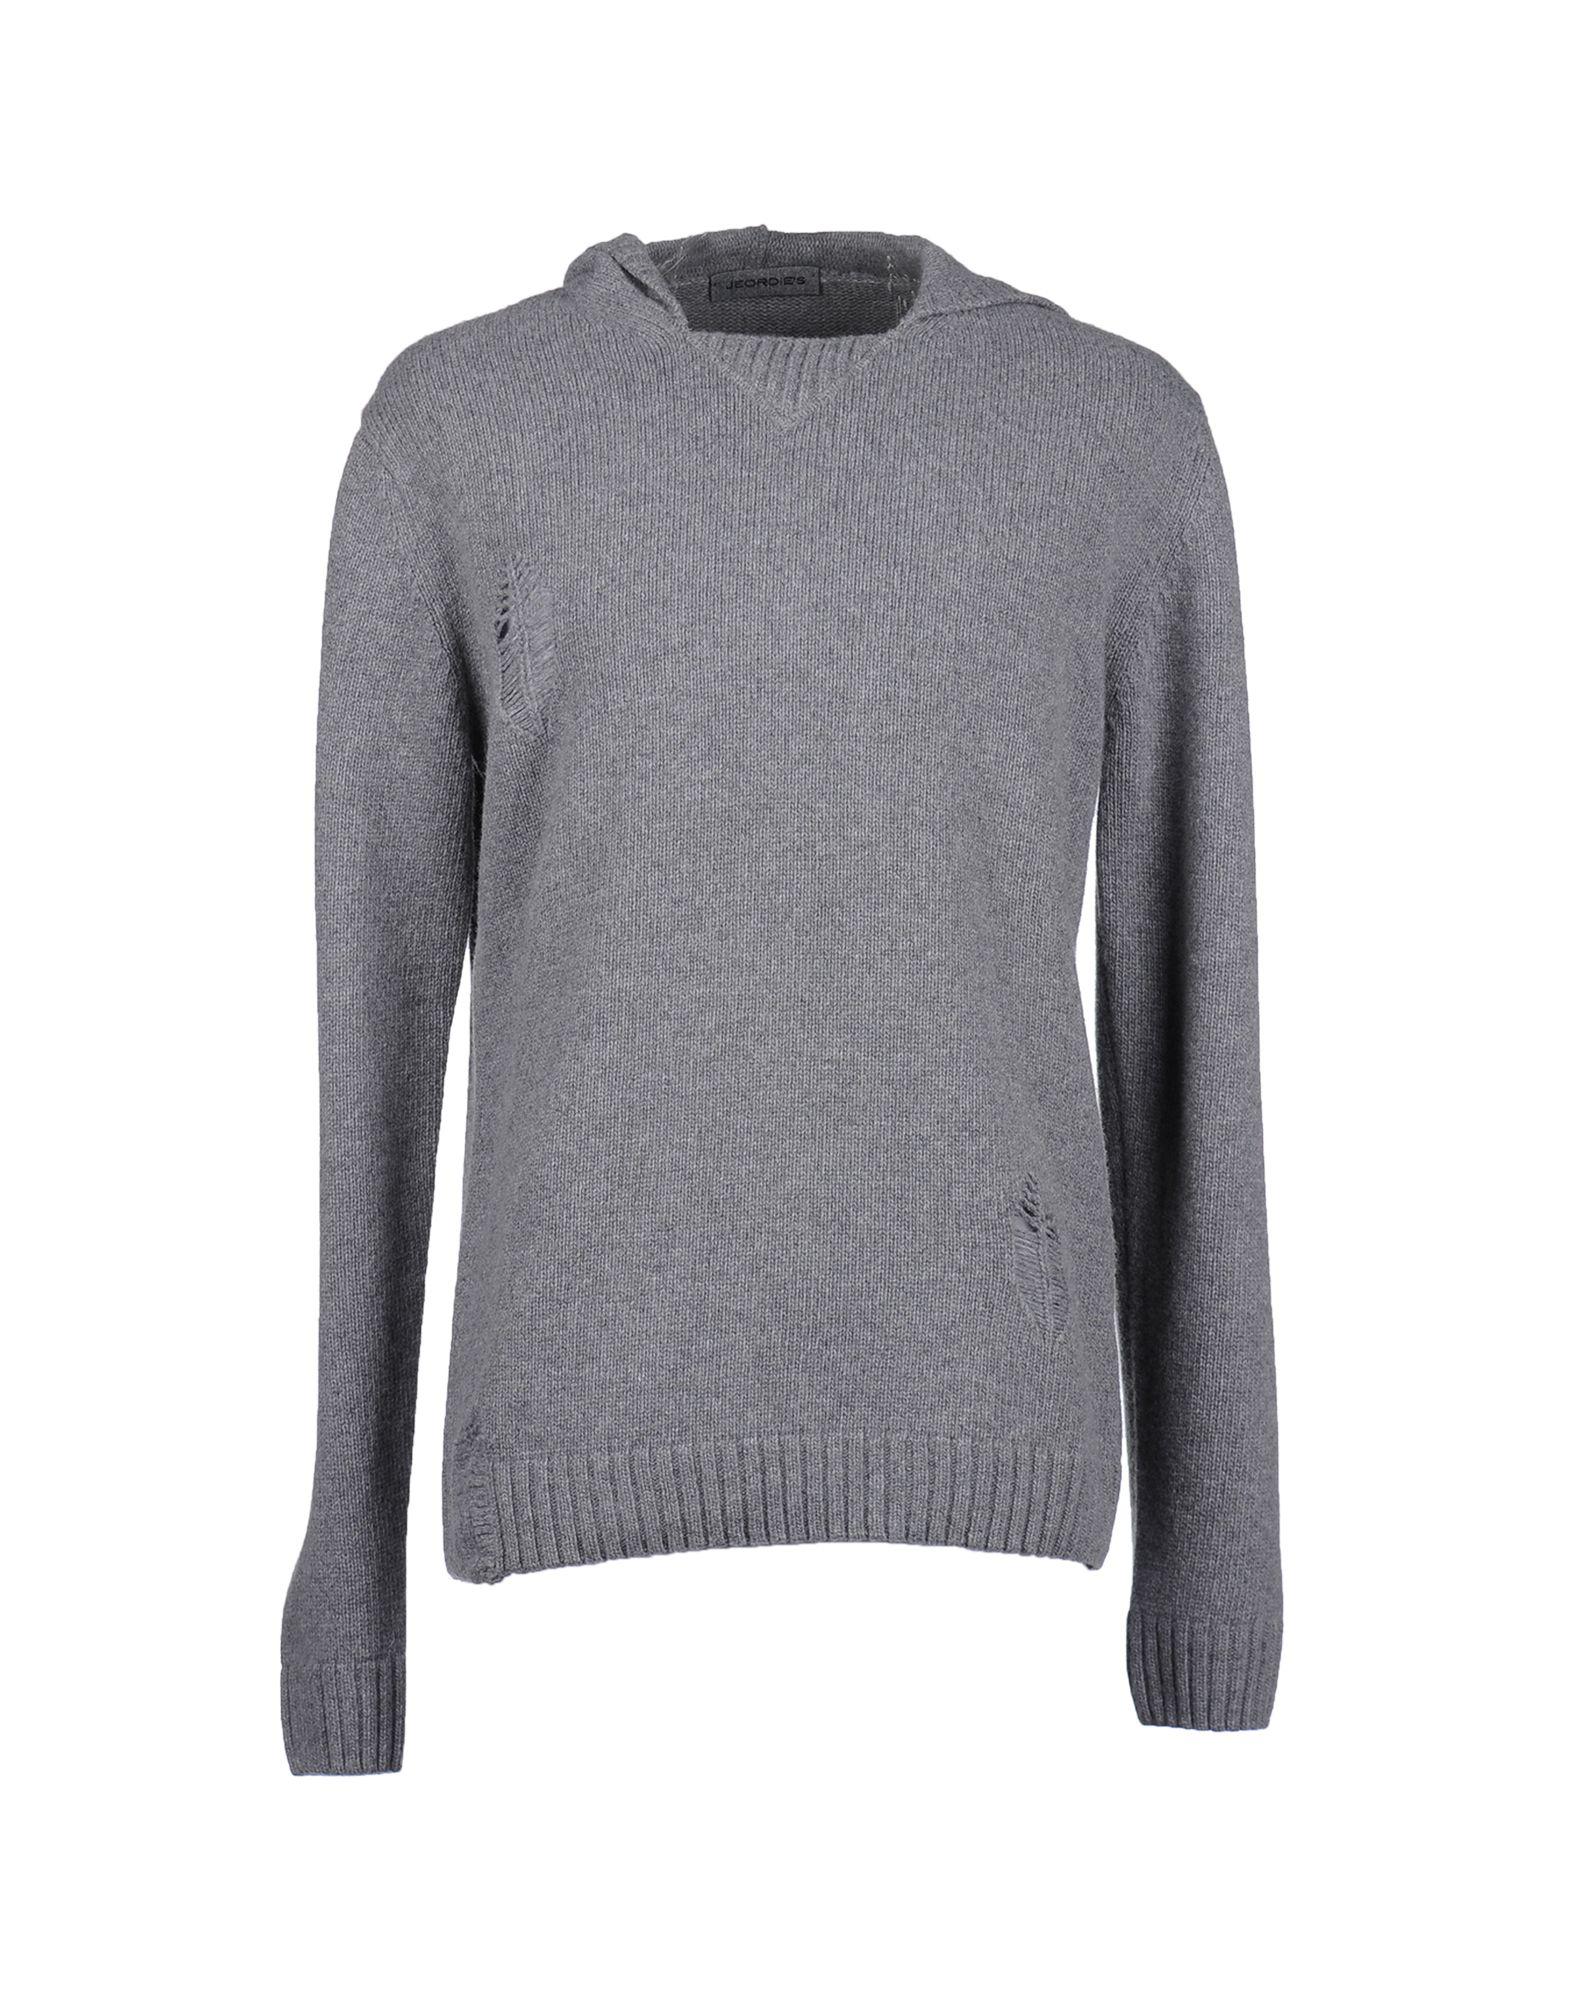 JEORDIES Sweaters in Grey